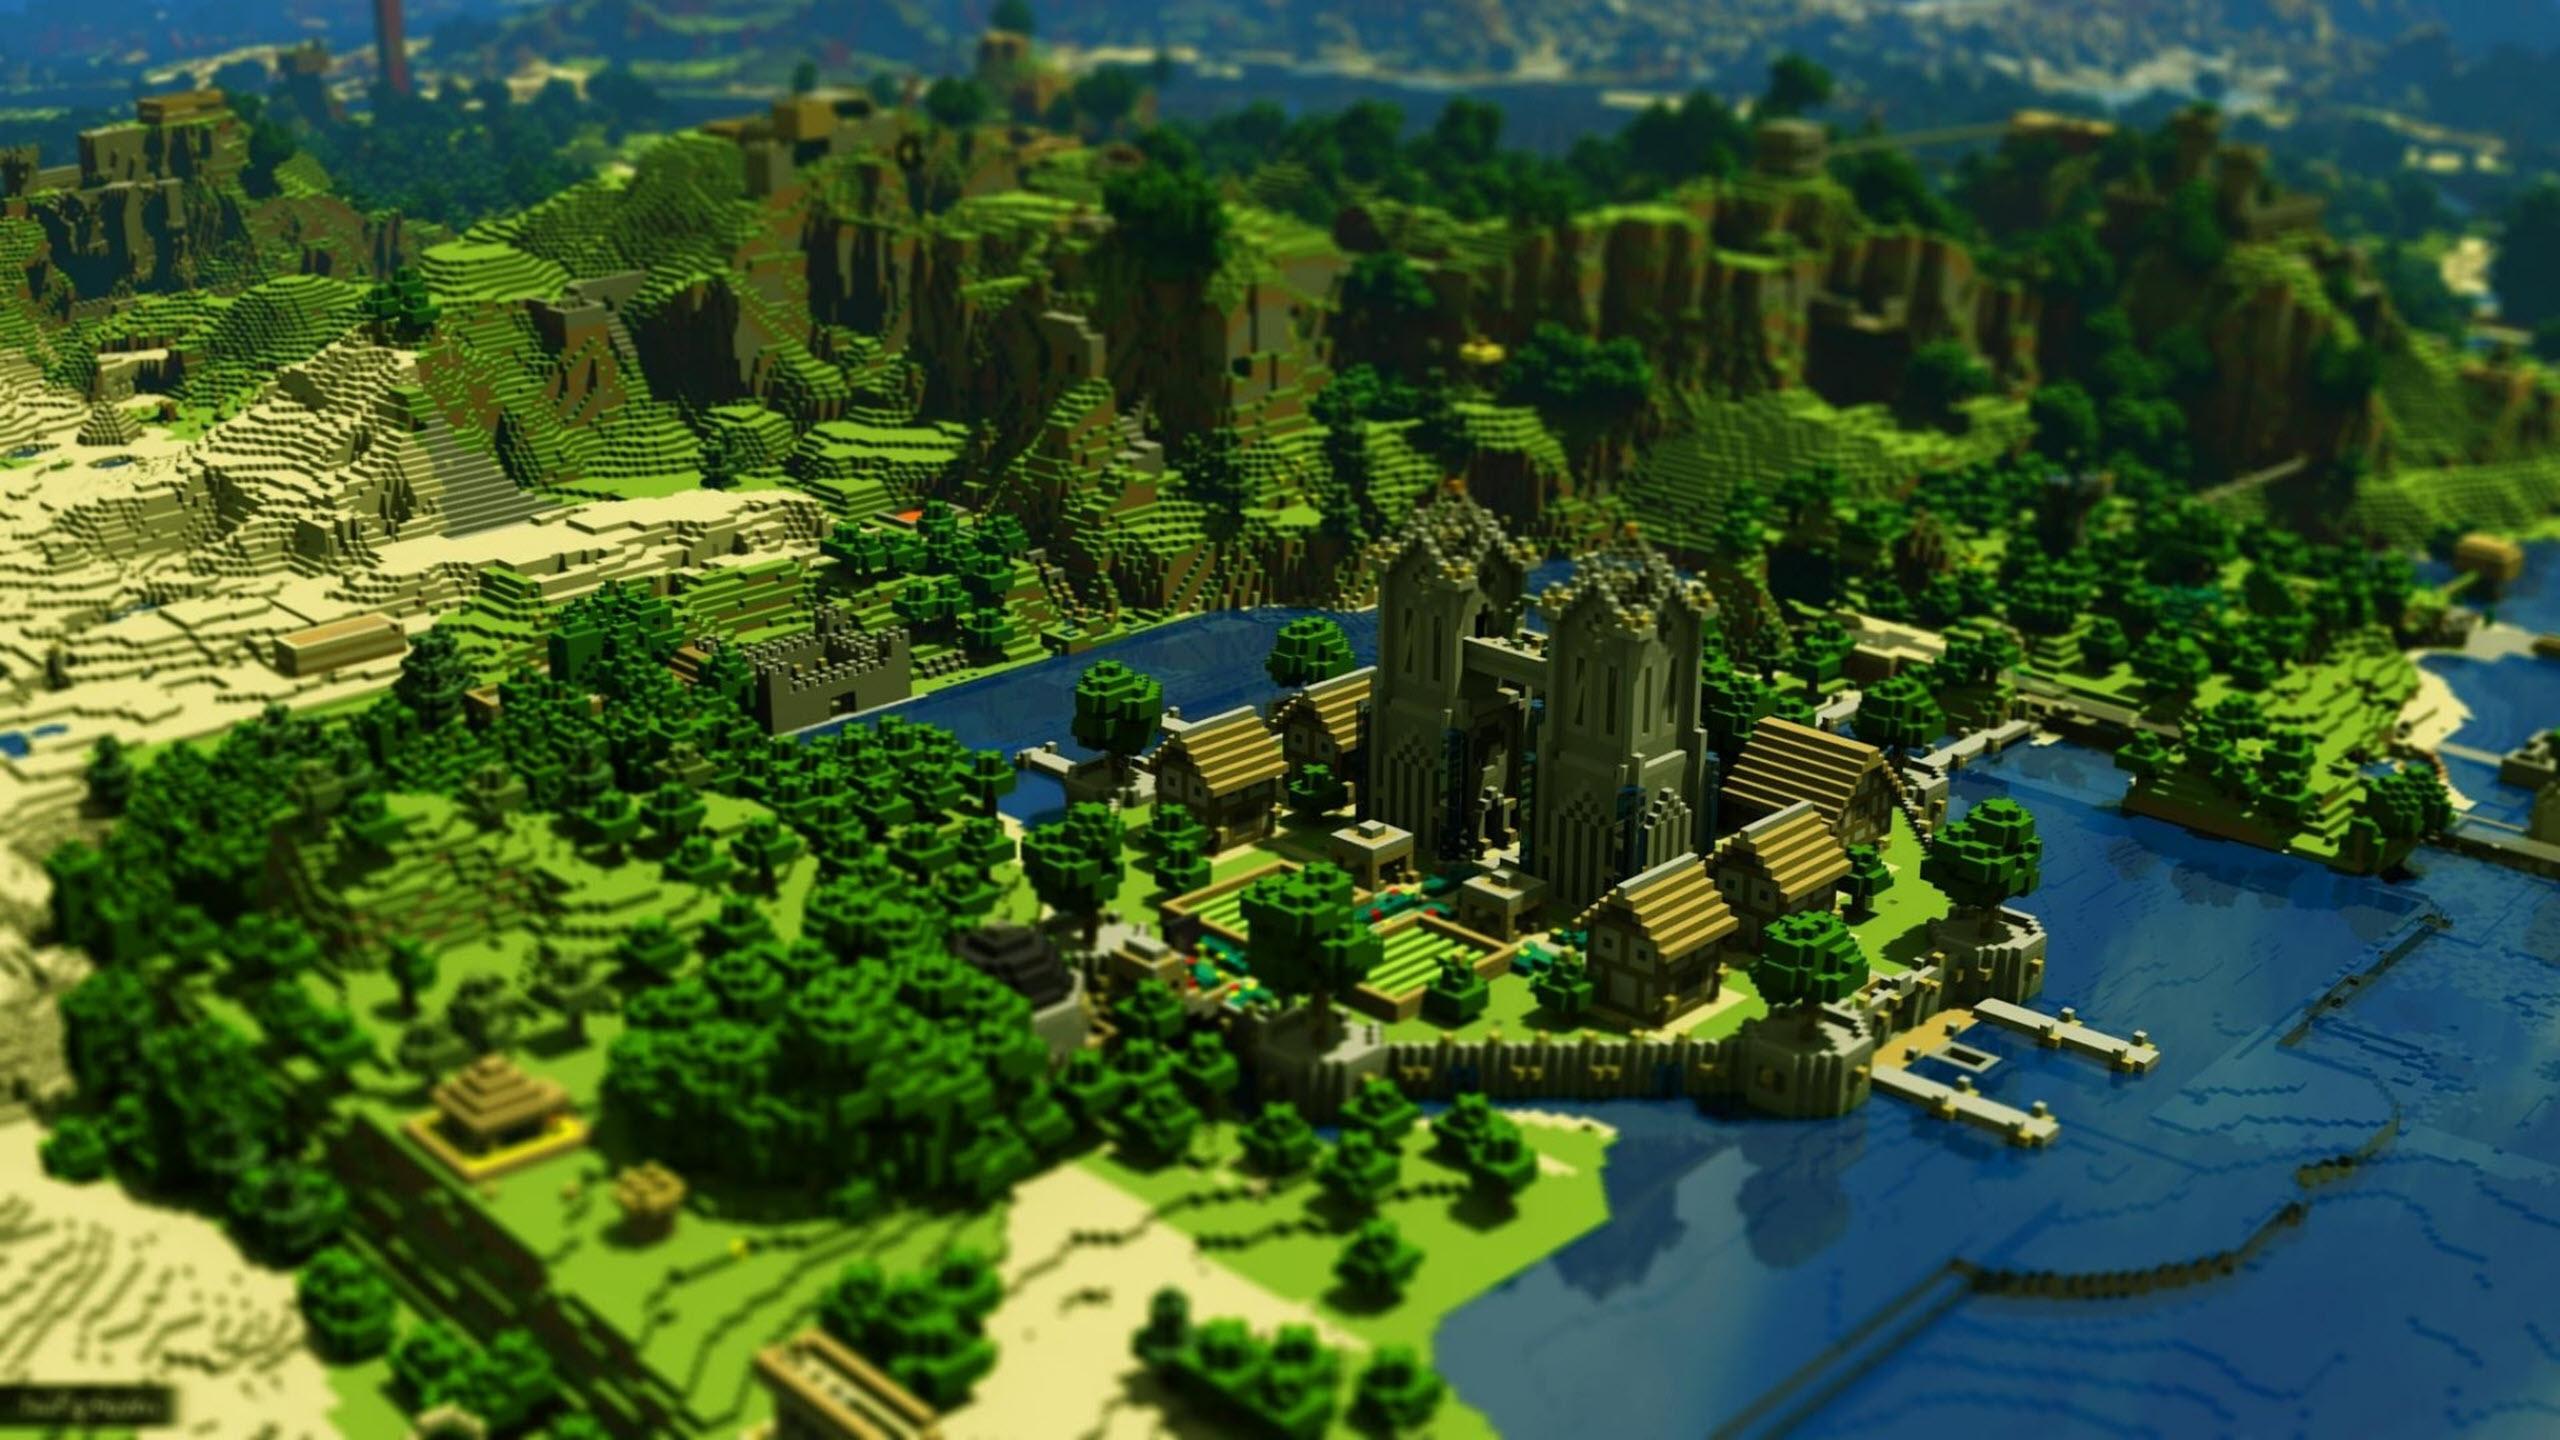 Hình nền Minecraft đẹp toàn cảnh vương quốc